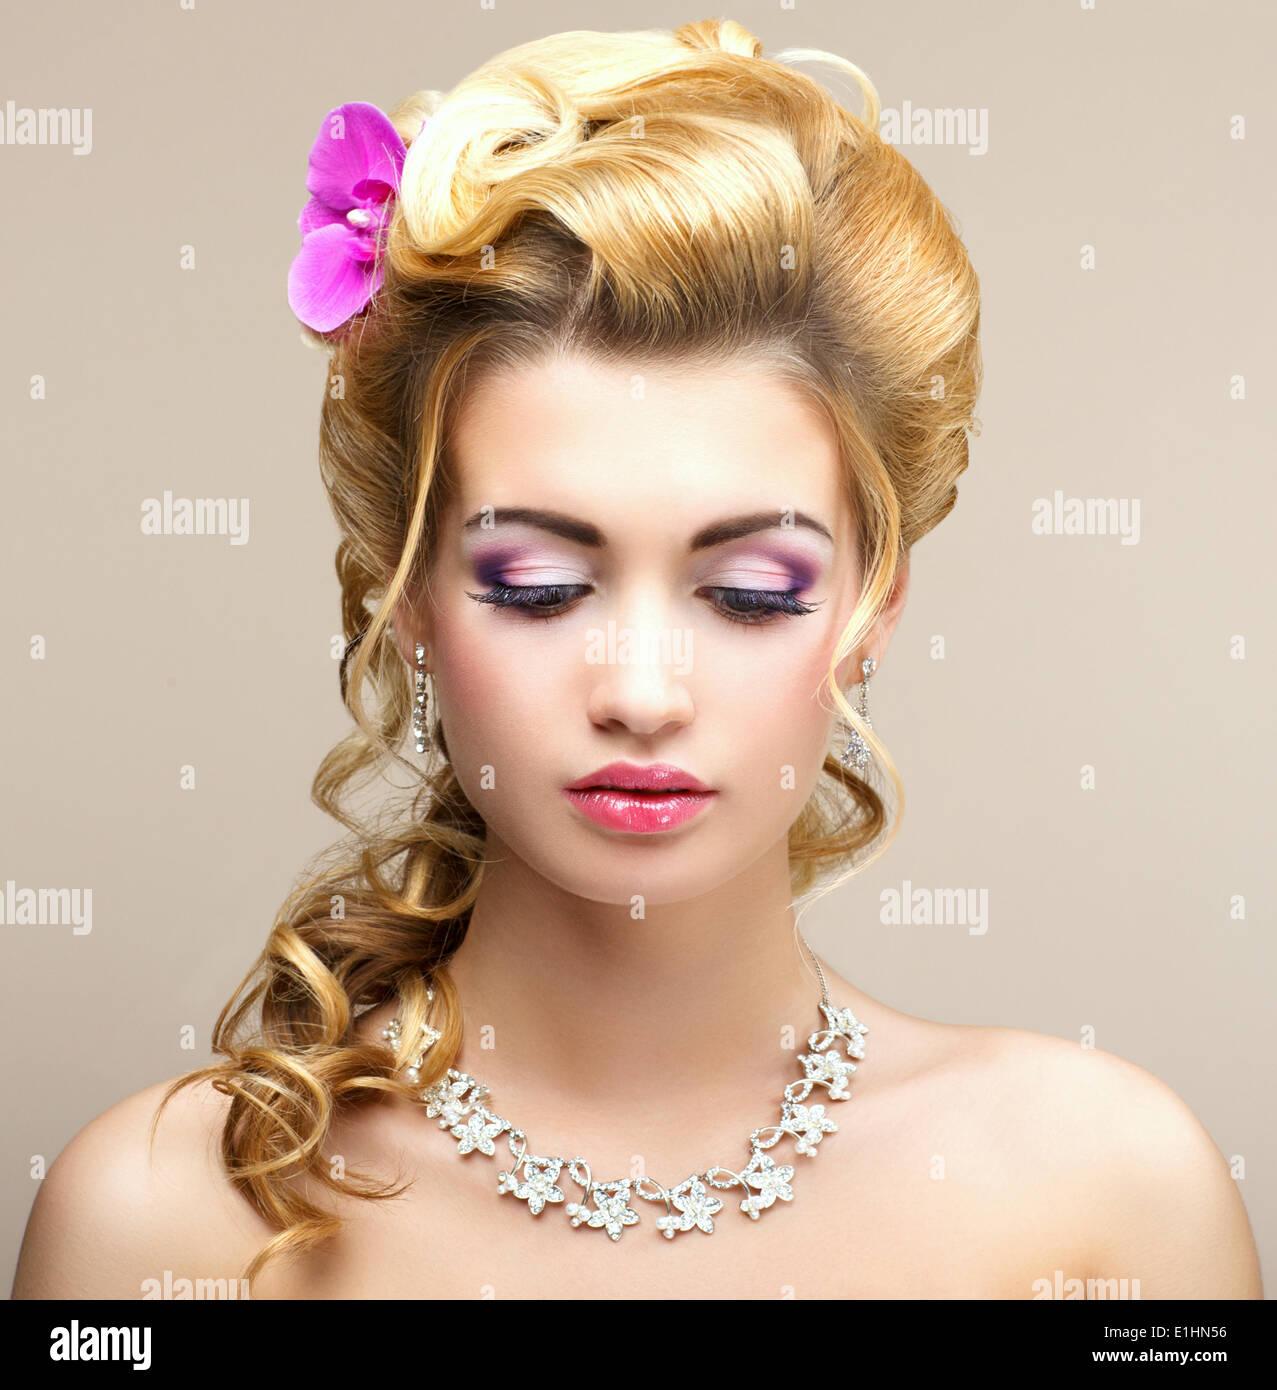 Dama de belleza. Mujer soñando con joyas - Platino Collar y aretes. Ternura Imagen De Stock